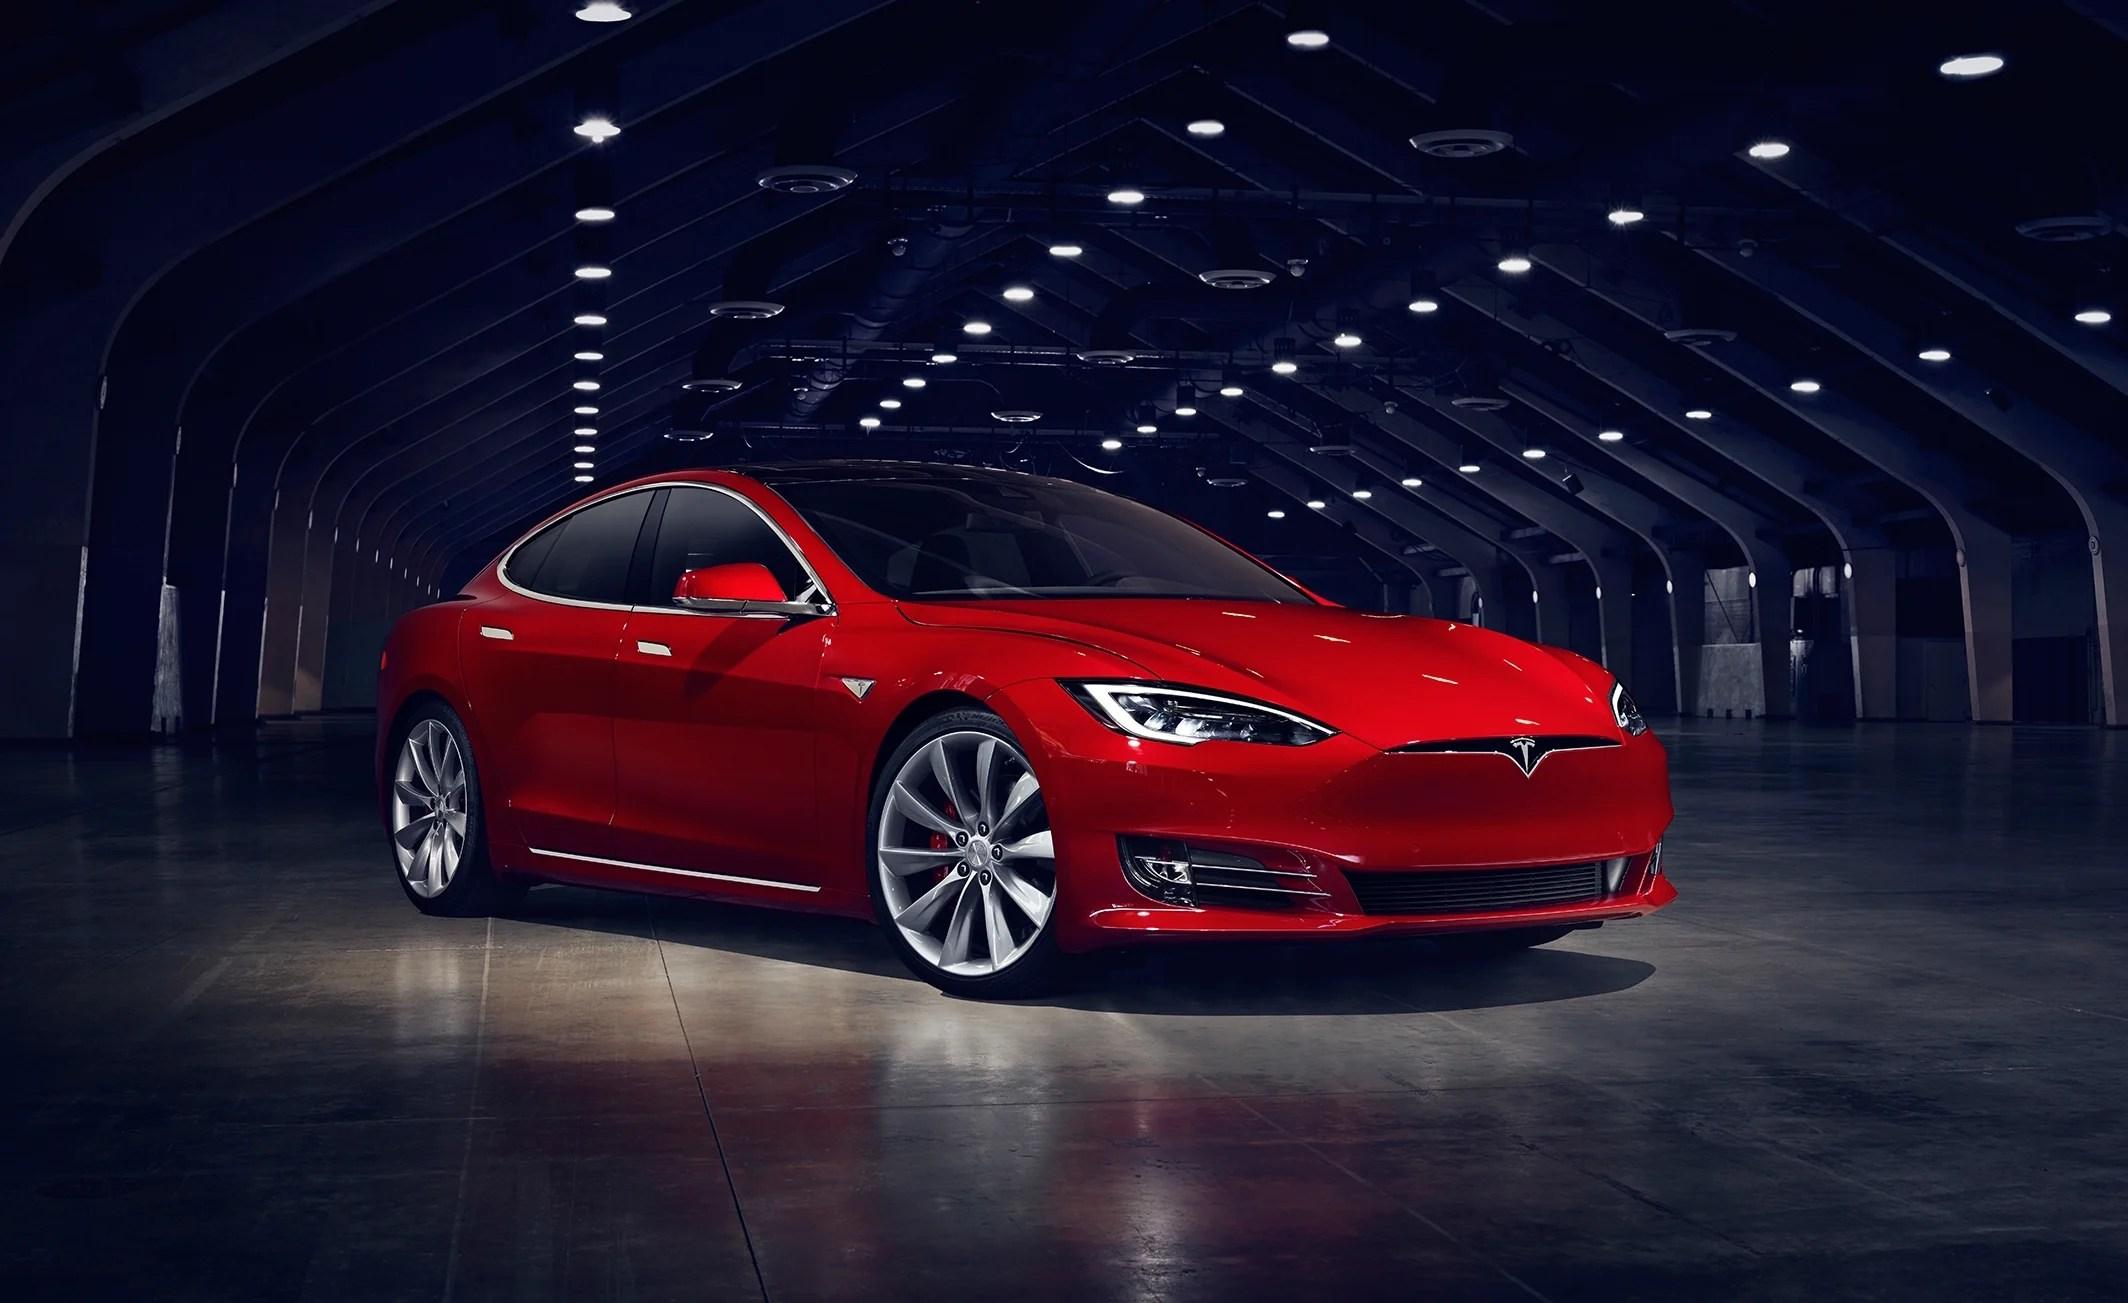 Les ventes des Model S et Model X de Tesla repartent sur les chapeaux de roue